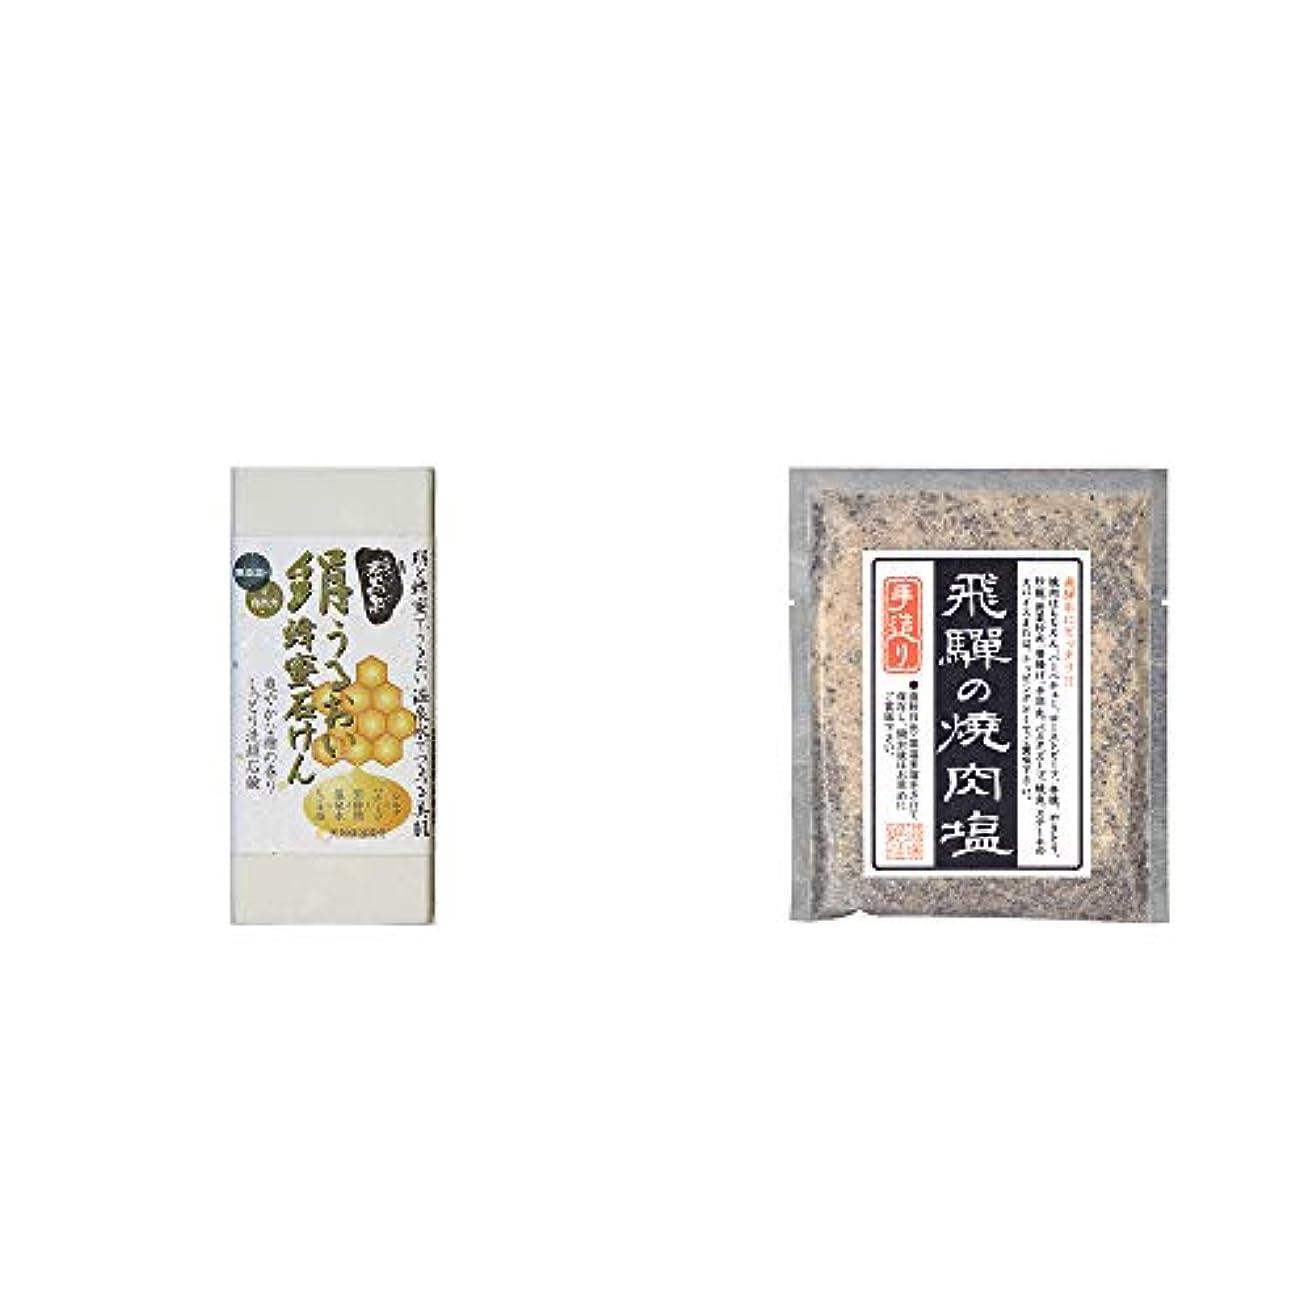 軽蔑する圧縮されたハリウッド[2点セット] ひのき炭黒泉 絹うるおい蜂蜜石けん(75g×2)?手造り 飛騨の焼肉塩(80g)